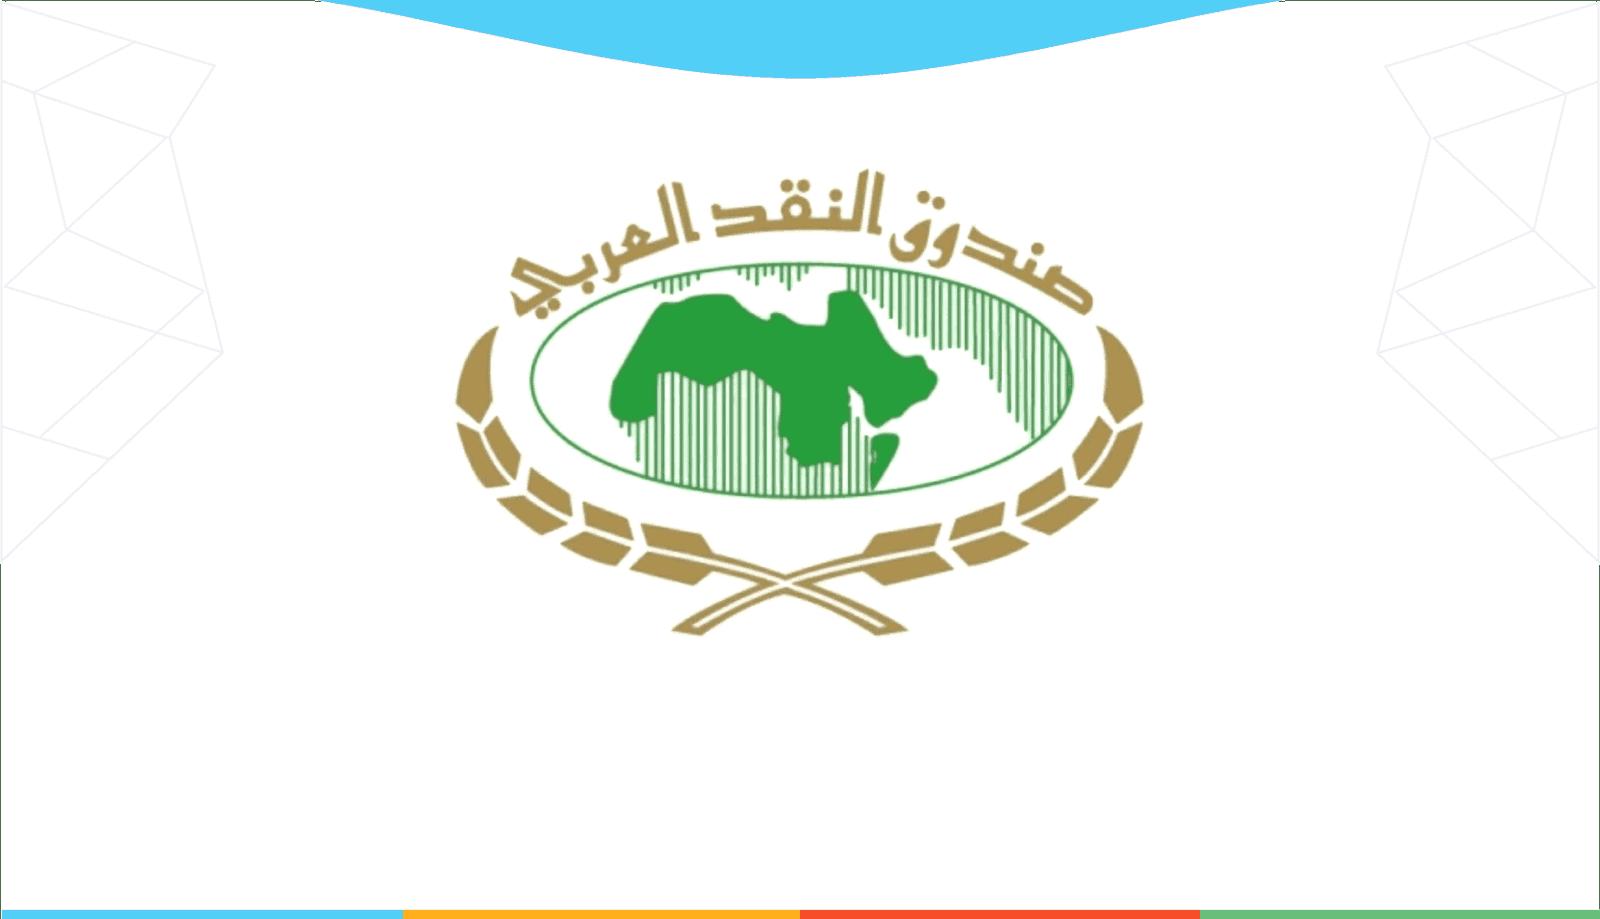 وظائف صندوق النقد العربي | مسؤول التحرير والترجمة